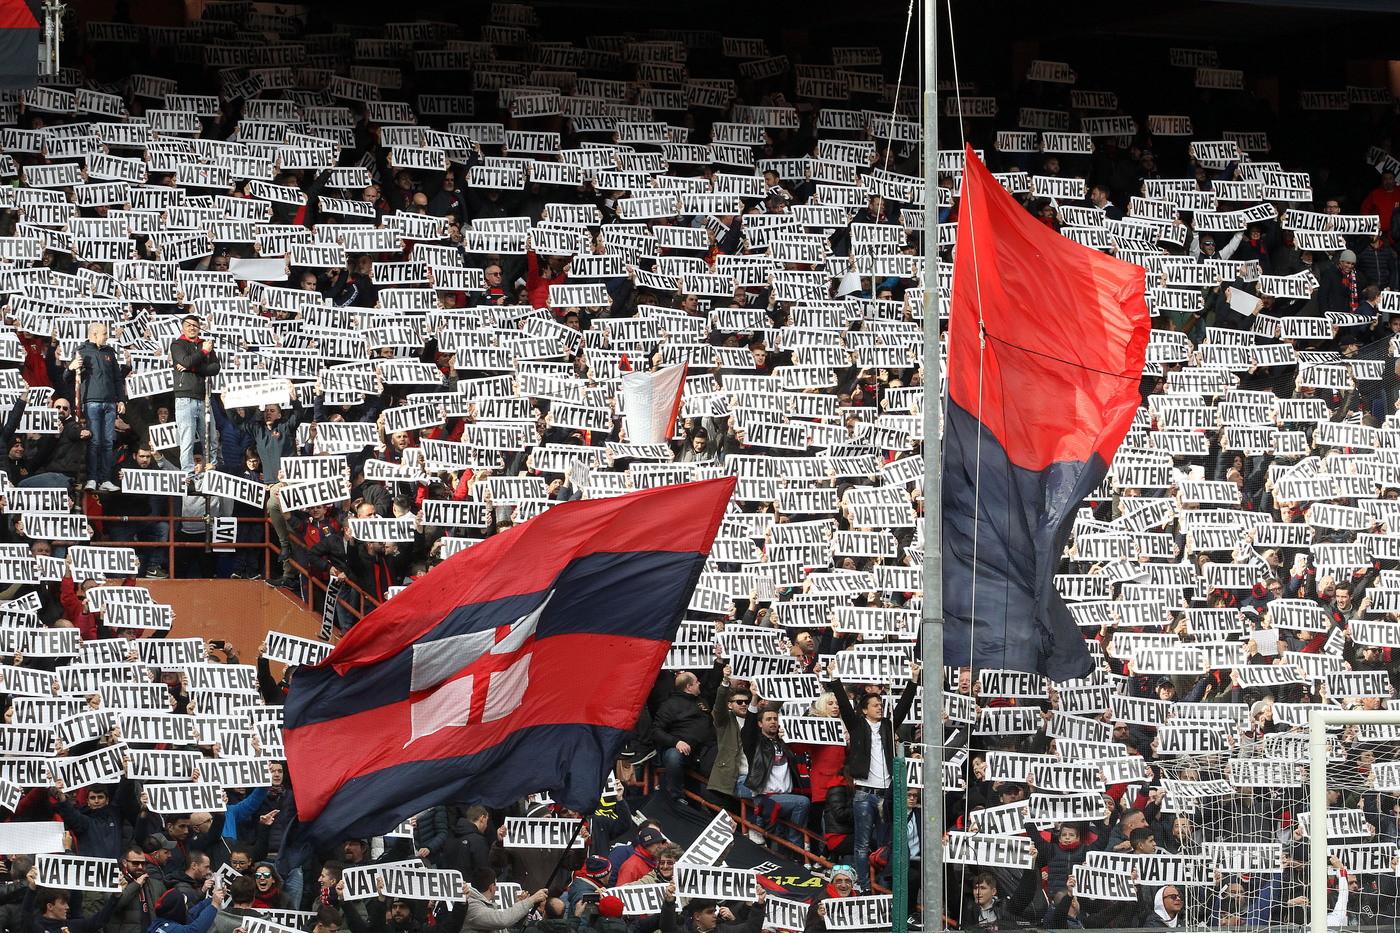 Contestazione organizzata dal tifo rossobl&ugrave; allo stadio Ferraris di Genova contro il presidente del Genoa Enrico Preziosi: centinaia di cartelli con la scritta &#39;Vattene&#39; sono stati esposti in tutti i settori all&#39;inizio della partita con il Cagliari. In Gradinata Nord, cuore del tifo genoano, i cartelli sono stati accompagnati da cori insultanti rivolti al presidente. L&#39;evento&nbsp;rientra nelle iniziative di contestazione che erano state preannunciate in settimana dagli Ultr&agrave; della Gradinata Nord e dall&#39;Associazione Club Genoani. Preziosi, ormai da mesi al centro della contestazione delle tifoserie, non &egrave; presente a Marassi.<br /><br />